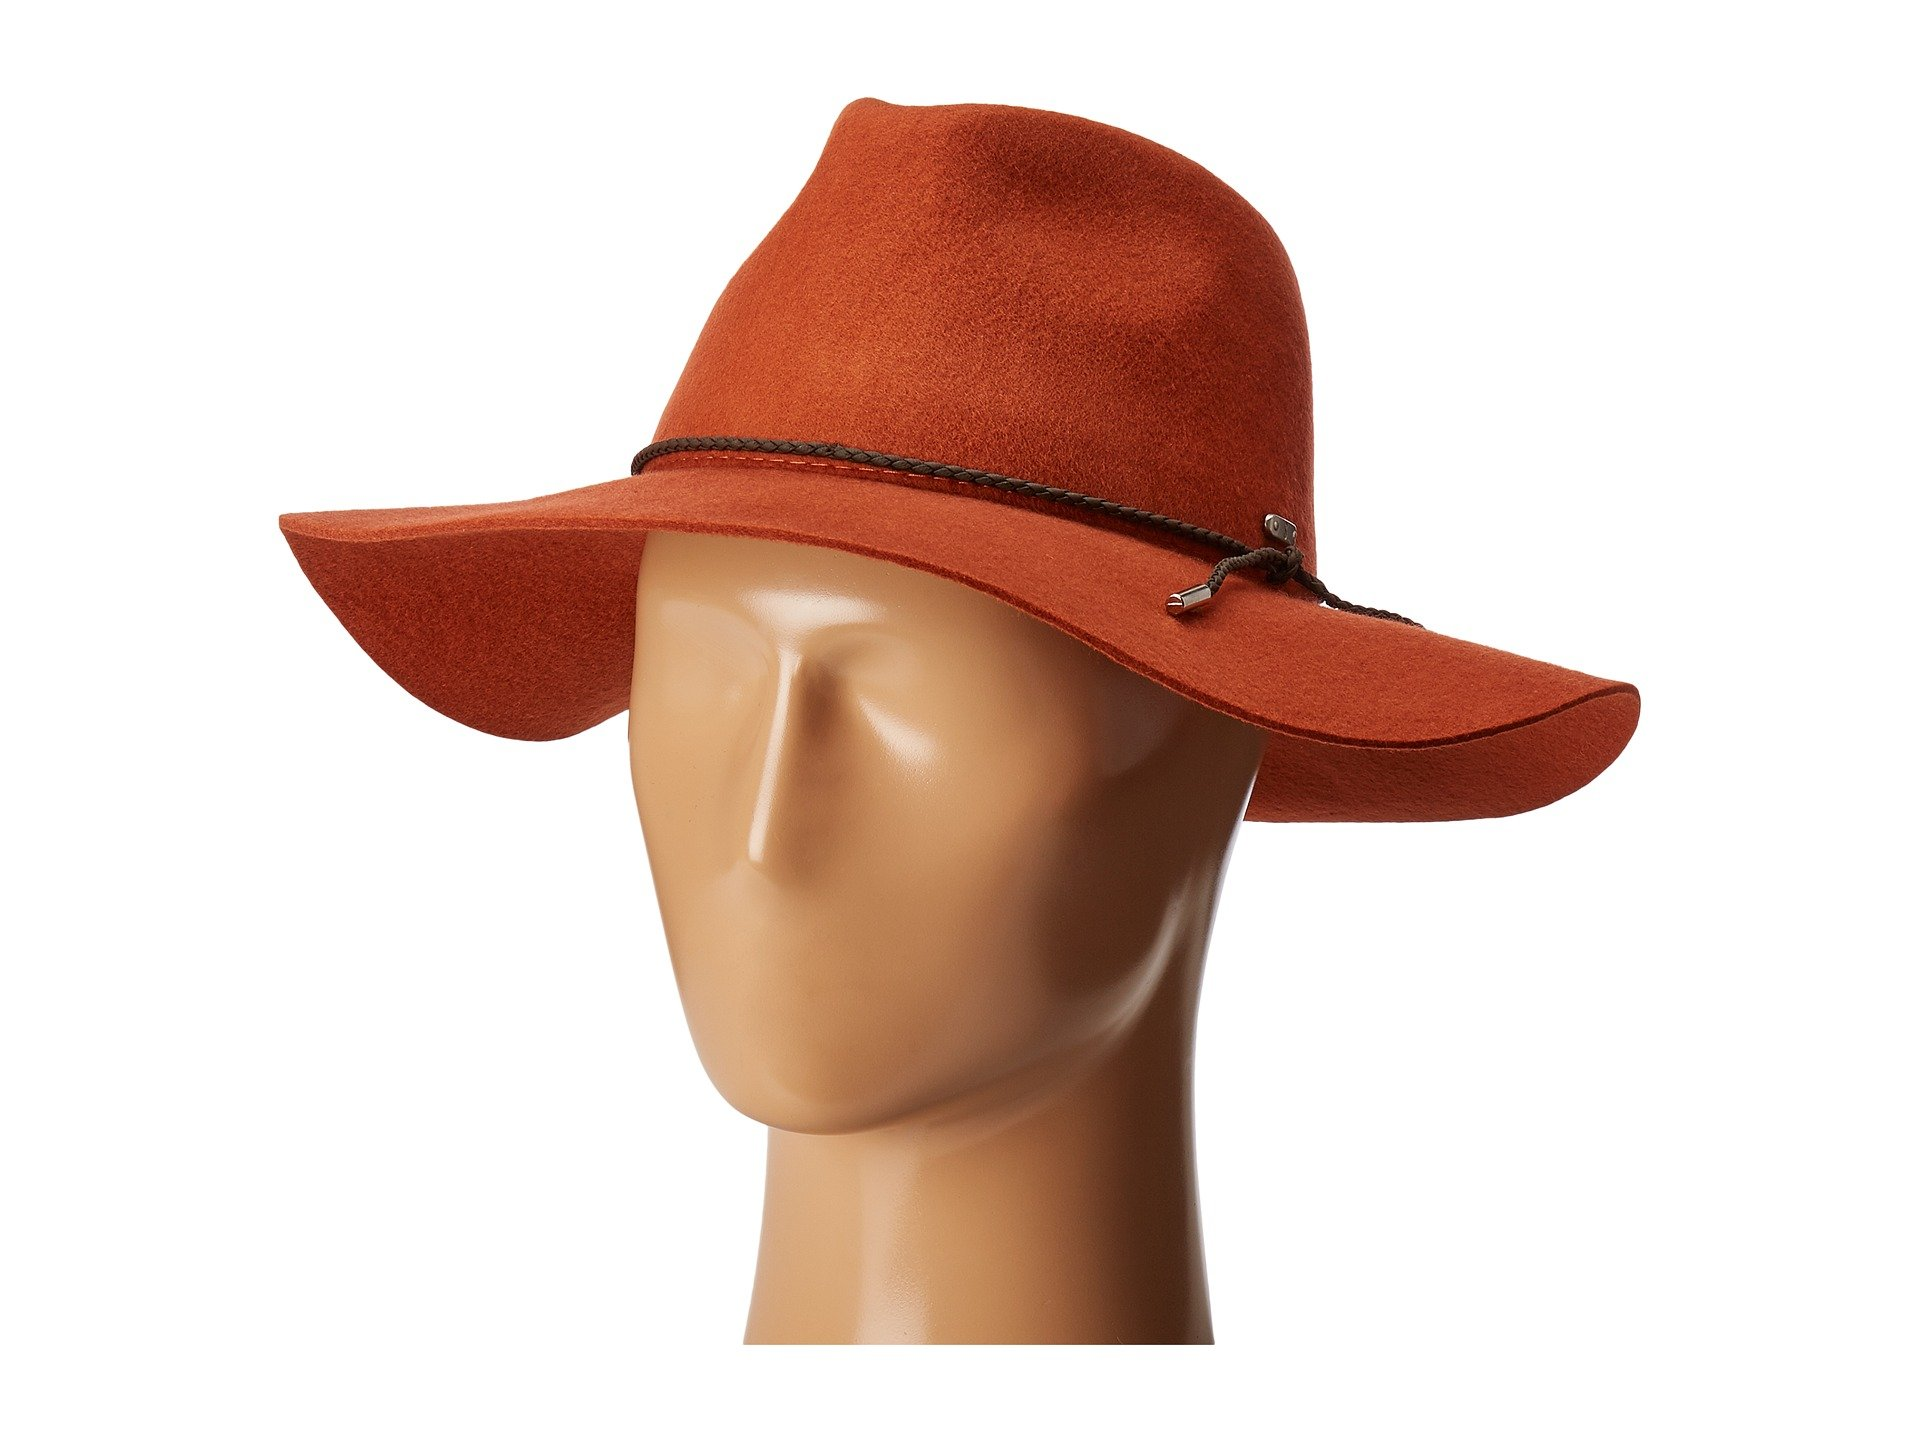 San Diego Hat Company Women's WFH8047 Floppy Fedora with Braided Trim Rust One Size